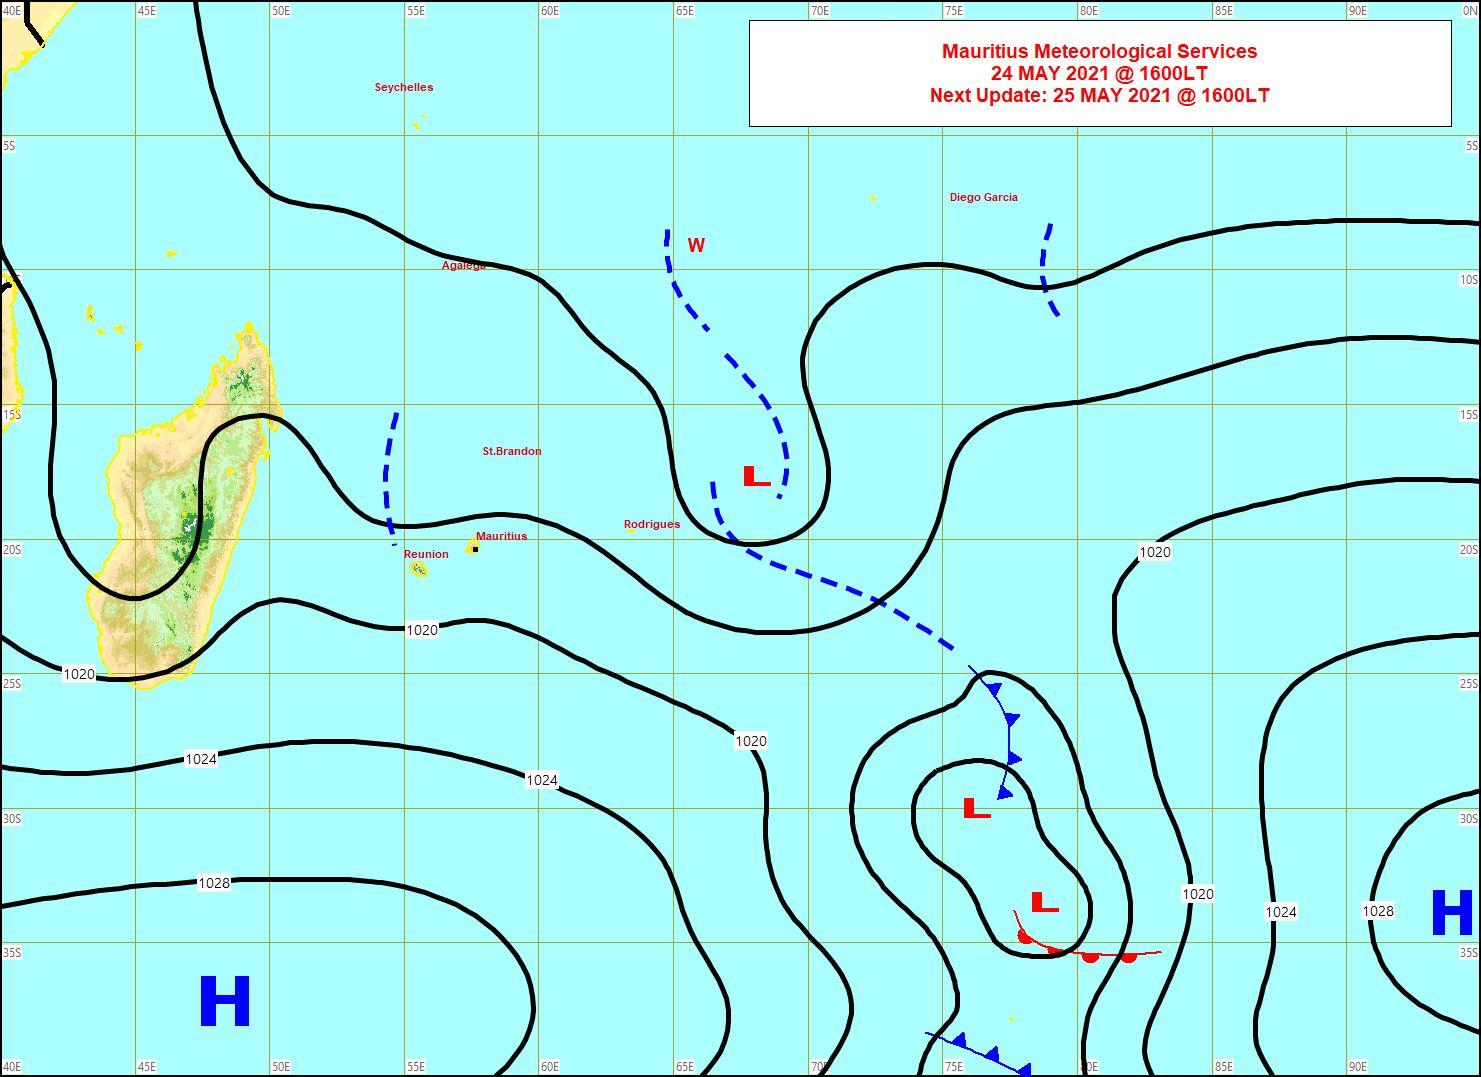 Analyse de la situation de surface ce Lundi à 16heures. Les alizés ont bien faibli sur MAURICE mais restent localement plus vigoureux sur le littoral de la RÉUNION. Carte MMS/Vacoas.